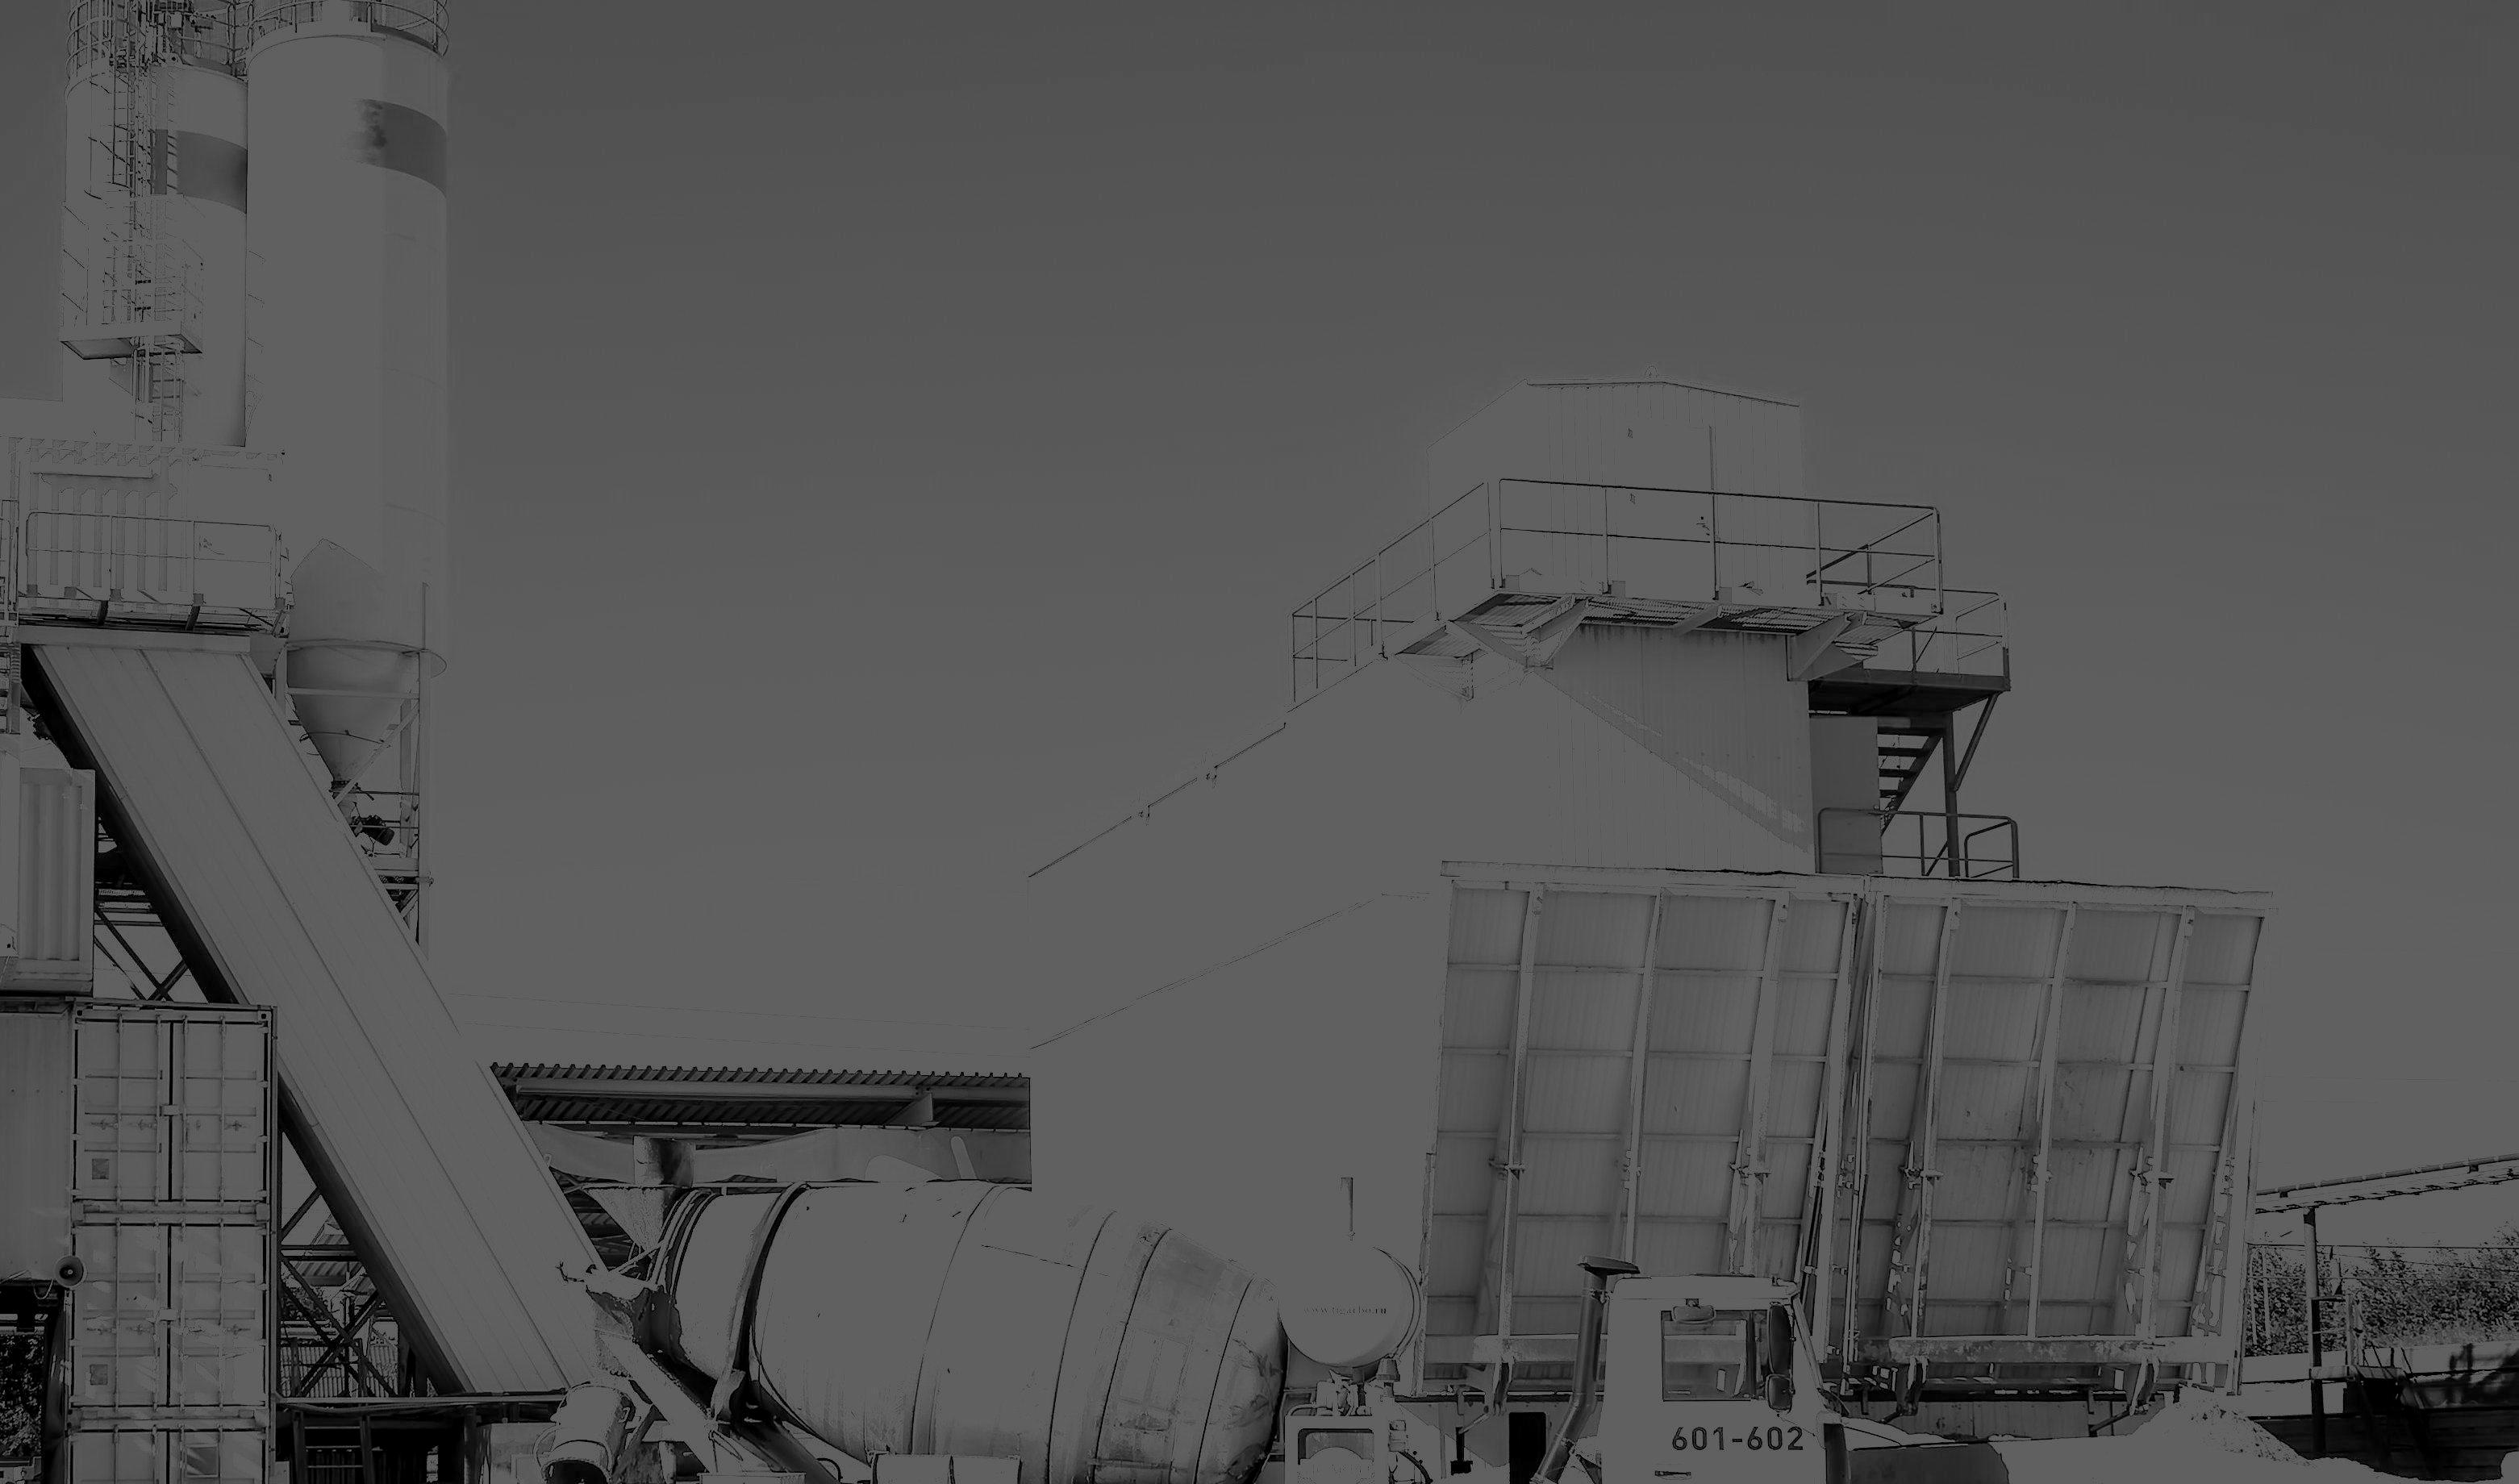 Проектирование и подбор бетонной смеси купить бетон в афипской с доставкой цена